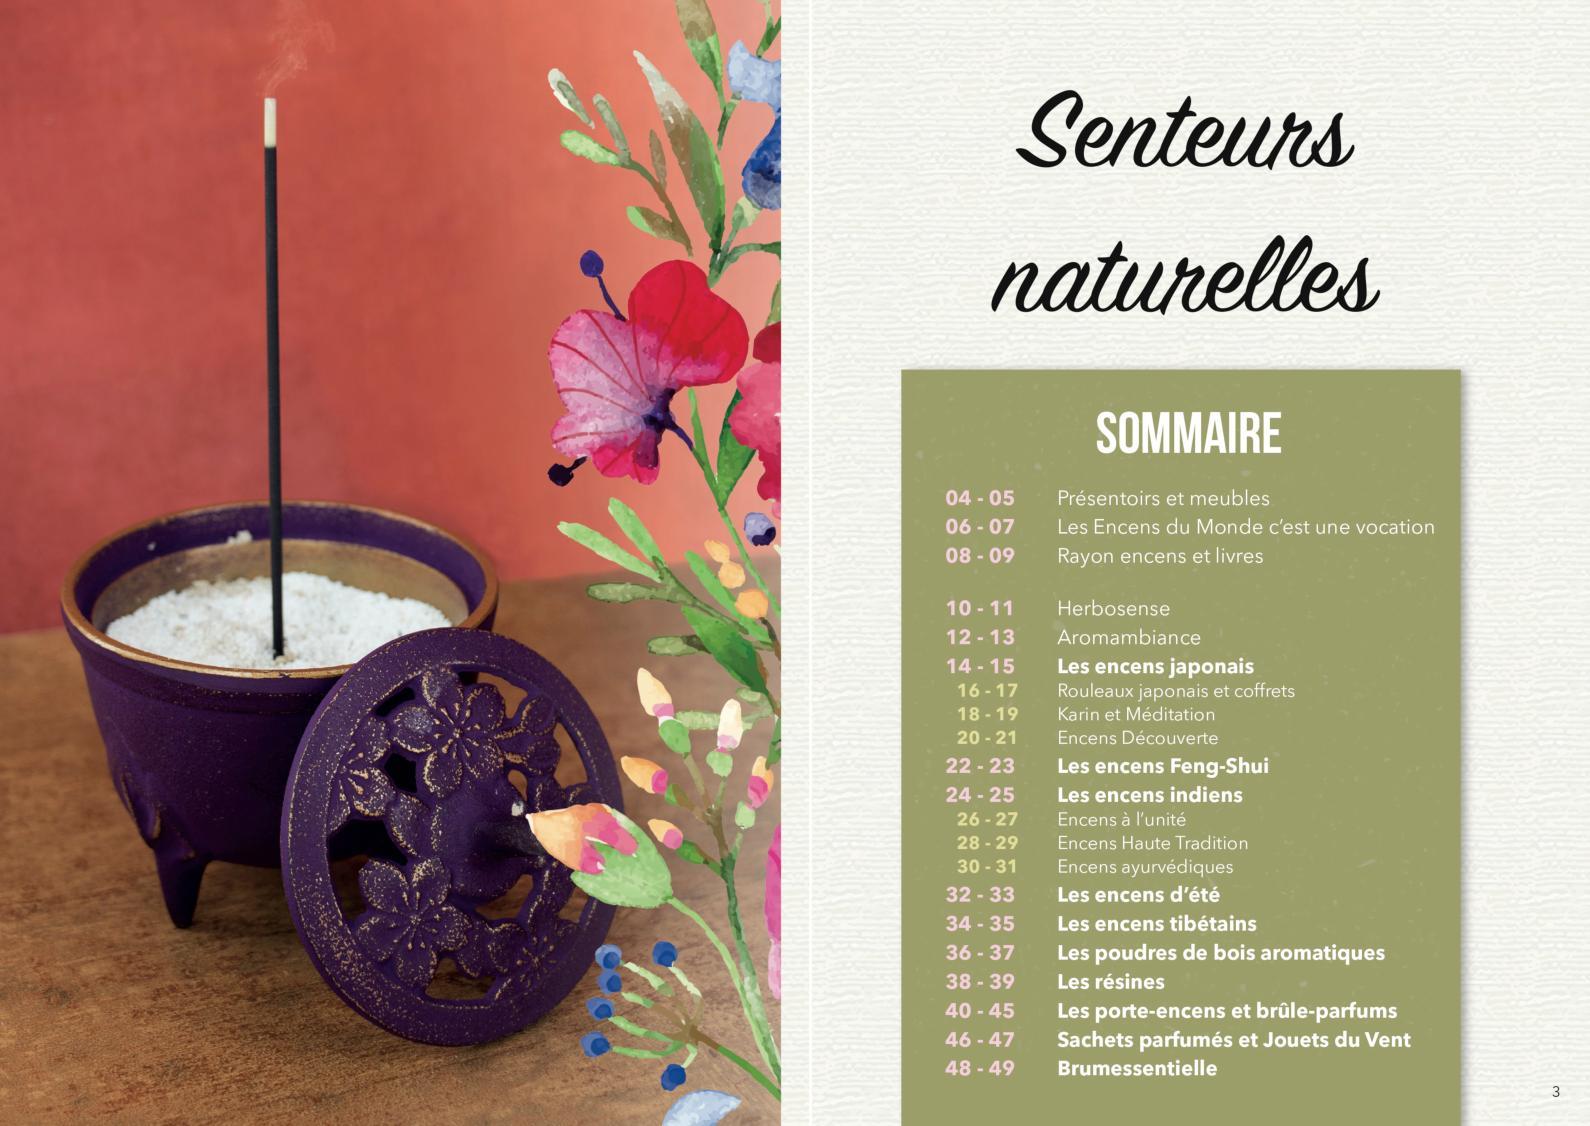 Catalogue Aromandise Senteurs 2017 Calameo Downloader